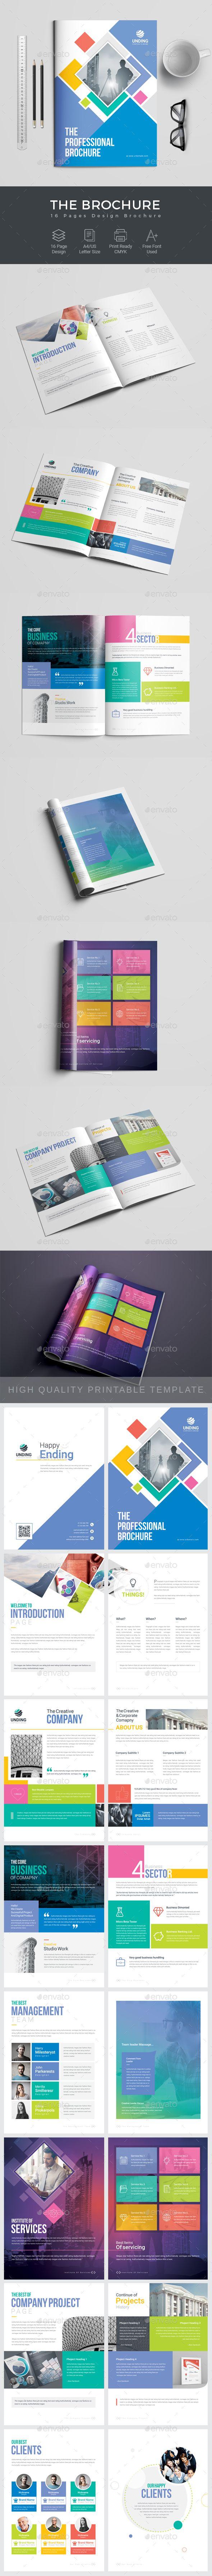 #Brochure - Corporate Brochures Download here: https://graphicriver.net/item/brochure/20212699?ref=alena994